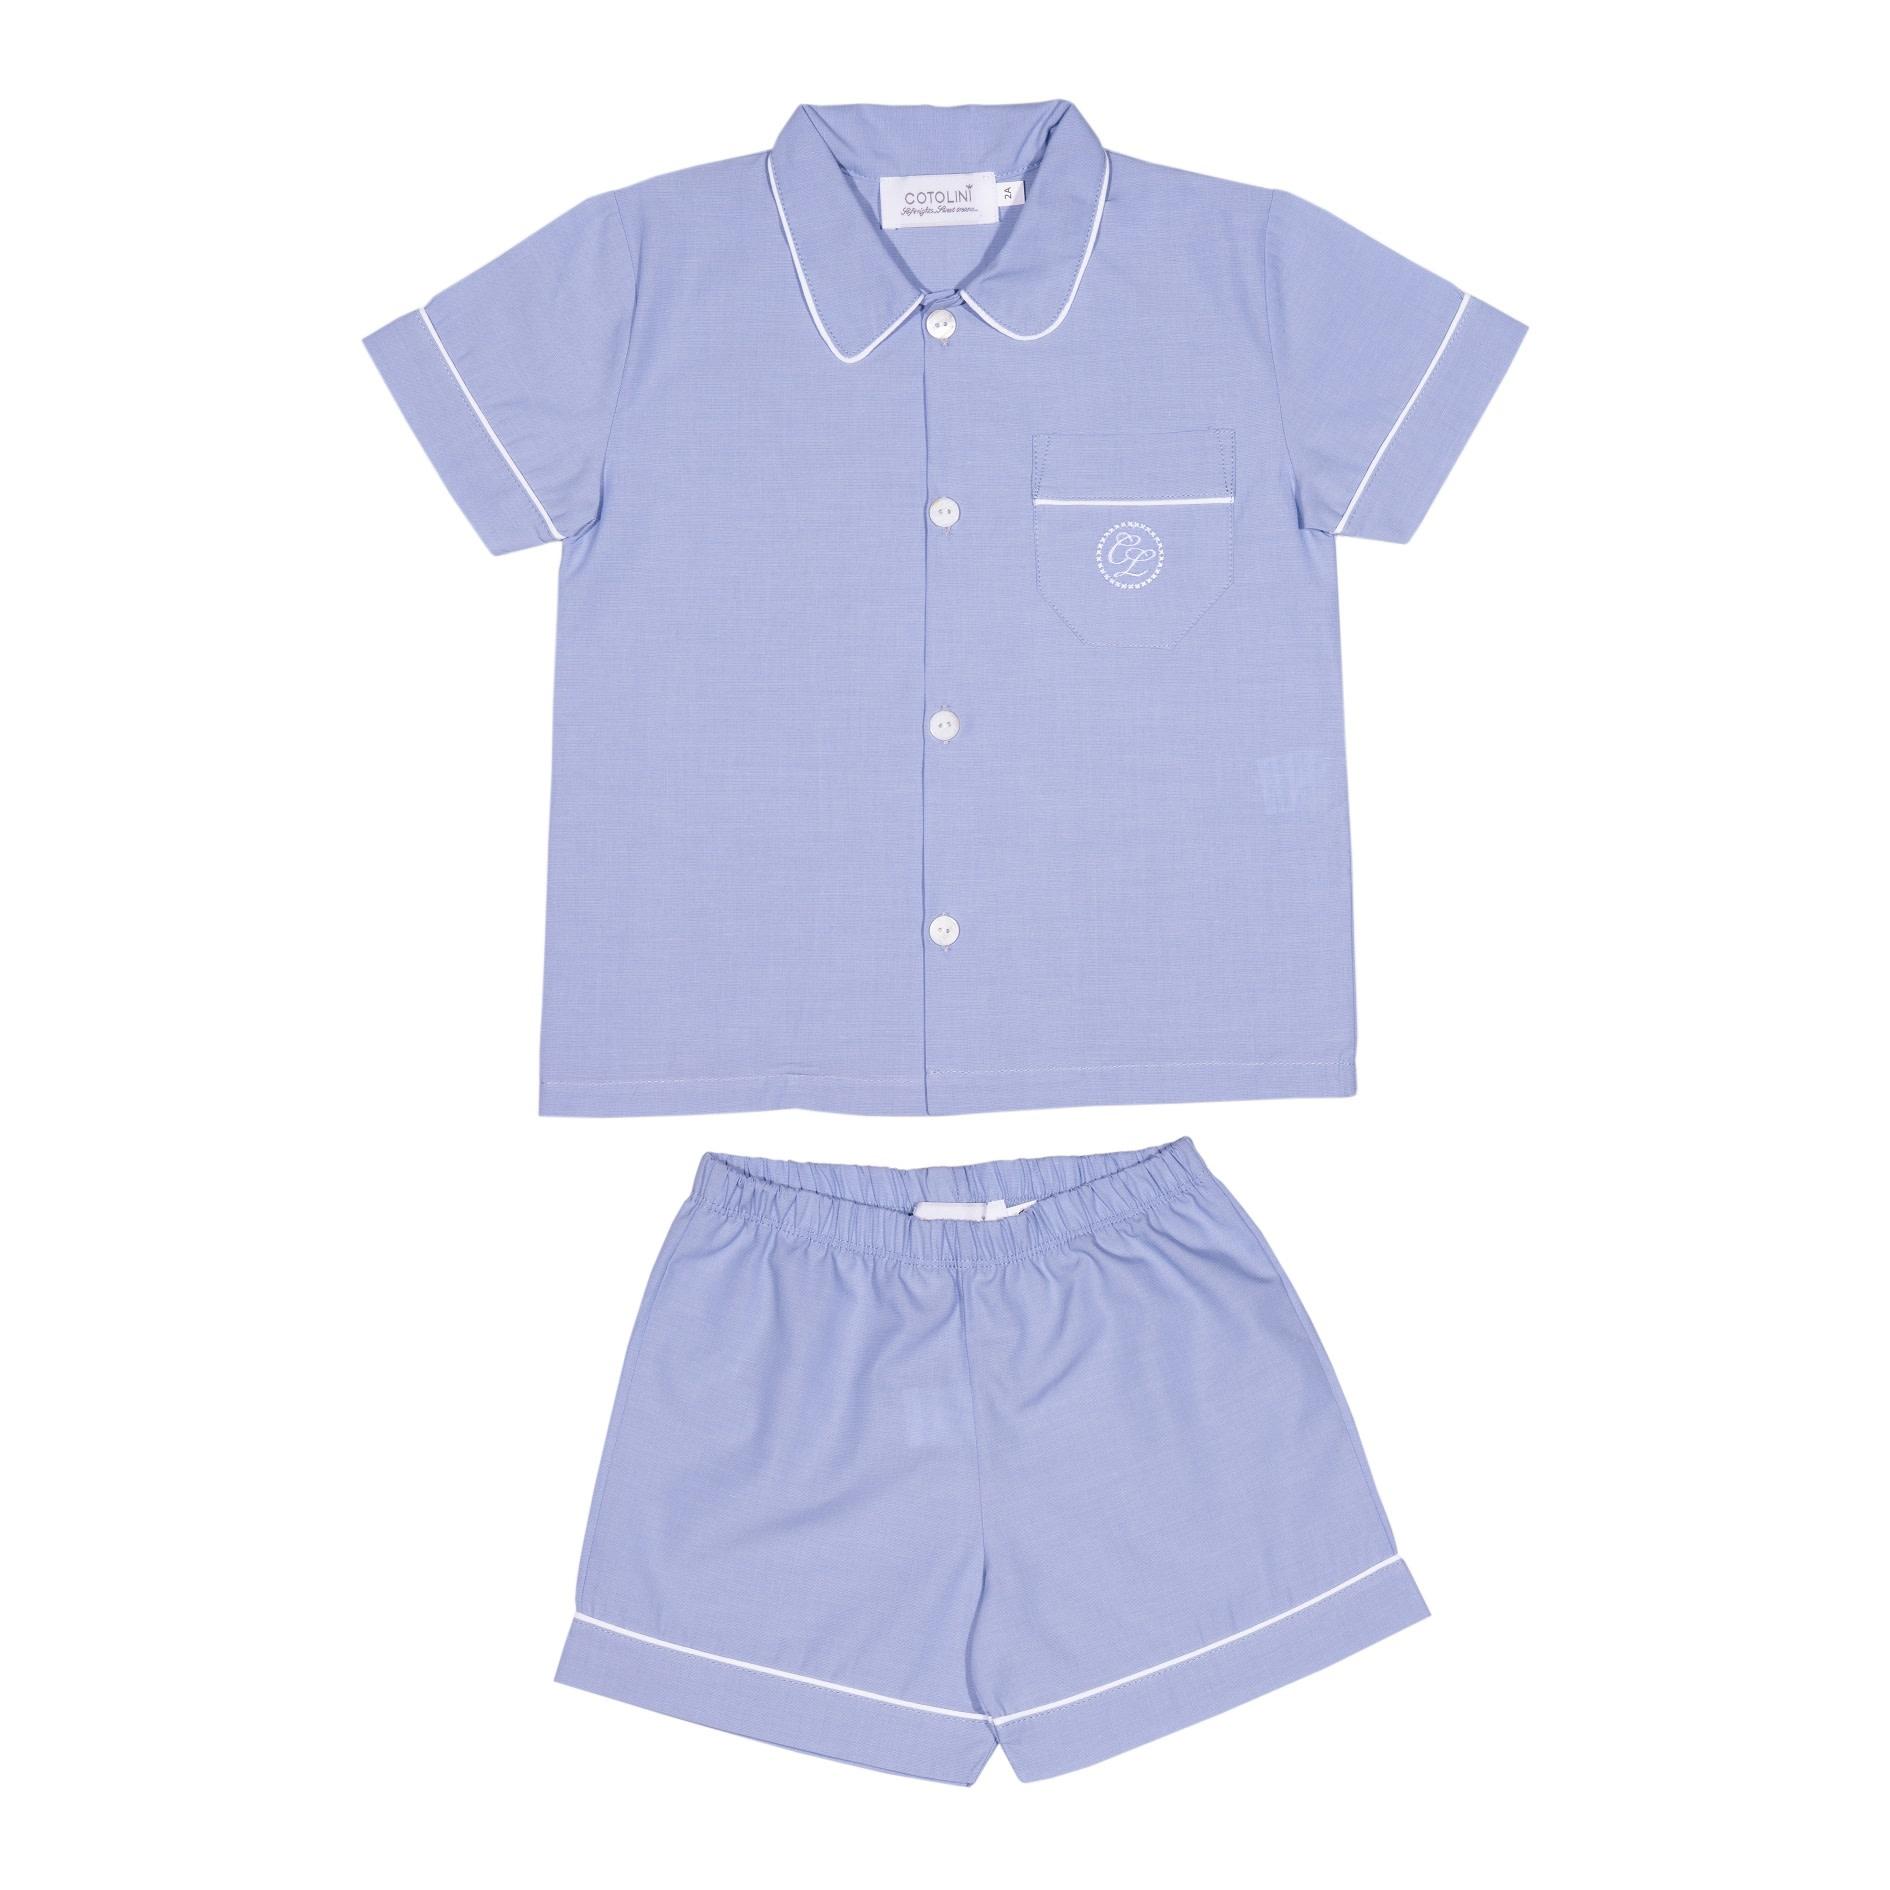 Cotolini Arthur jongenspyjama-short geweven katoen